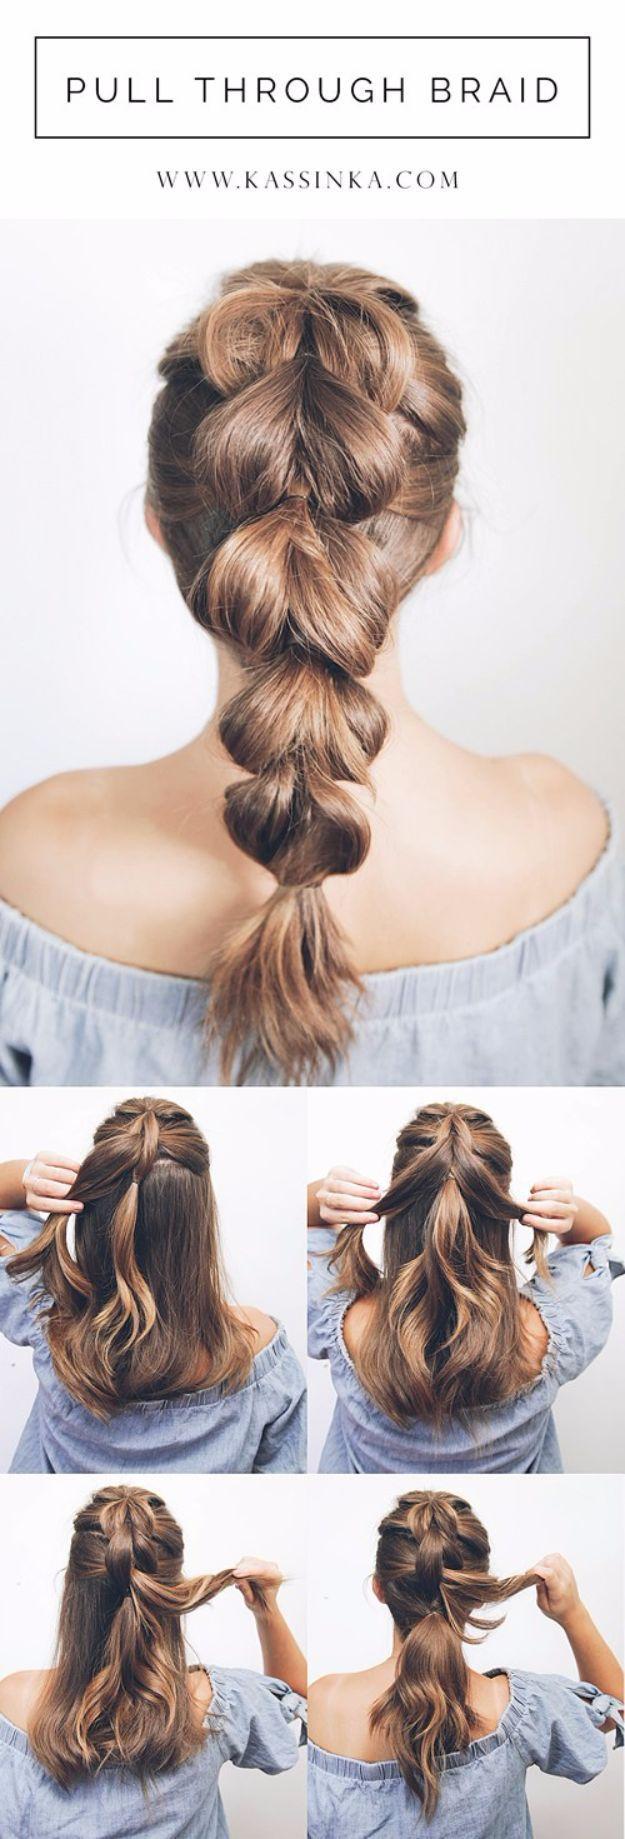 Cool hair tutorials for summer pull through braid tutorial easy